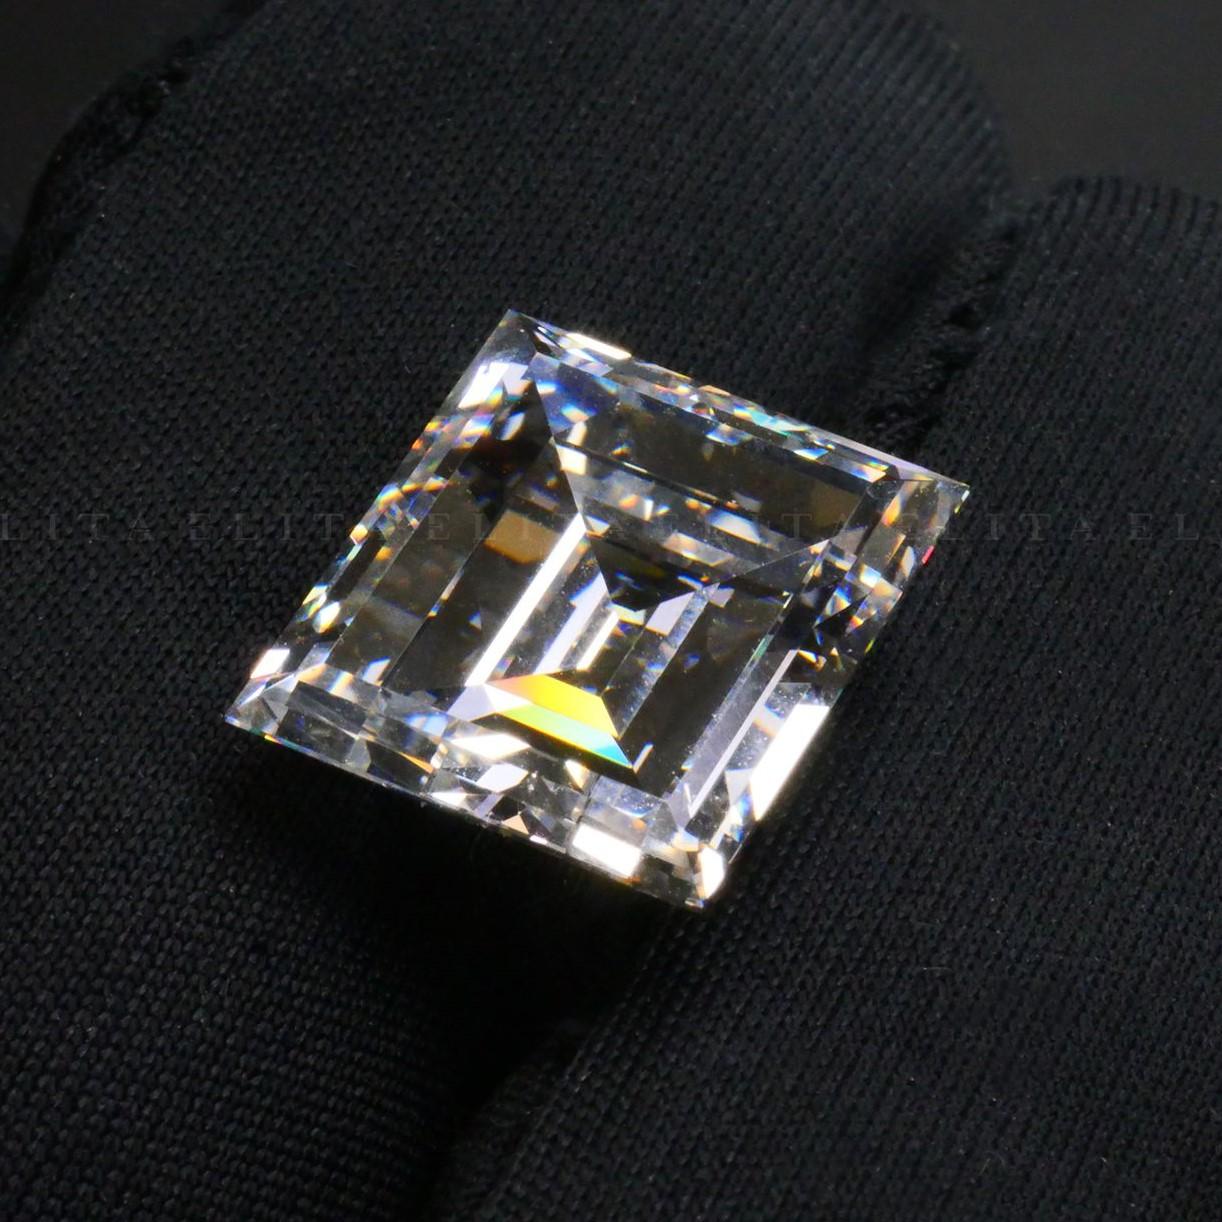 10.03 VVS1 Carré Princess Cut Diamond